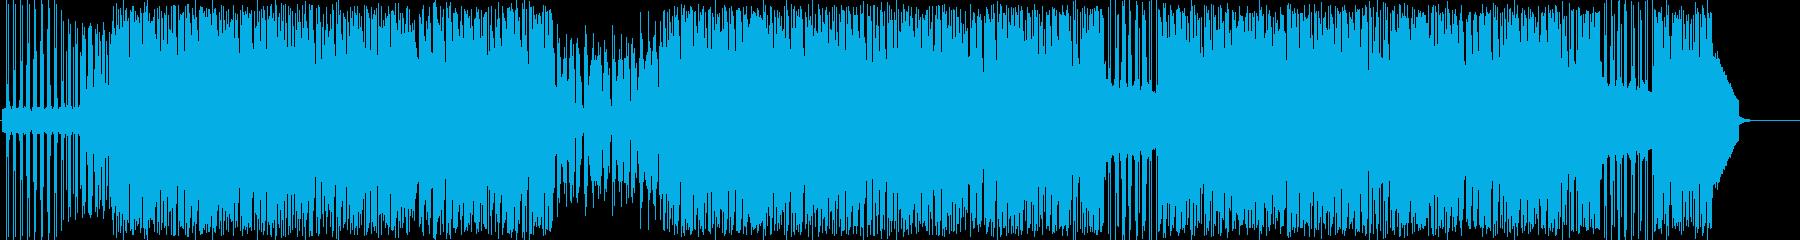 なだらかでマイルドなシンセサウンドの再生済みの波形